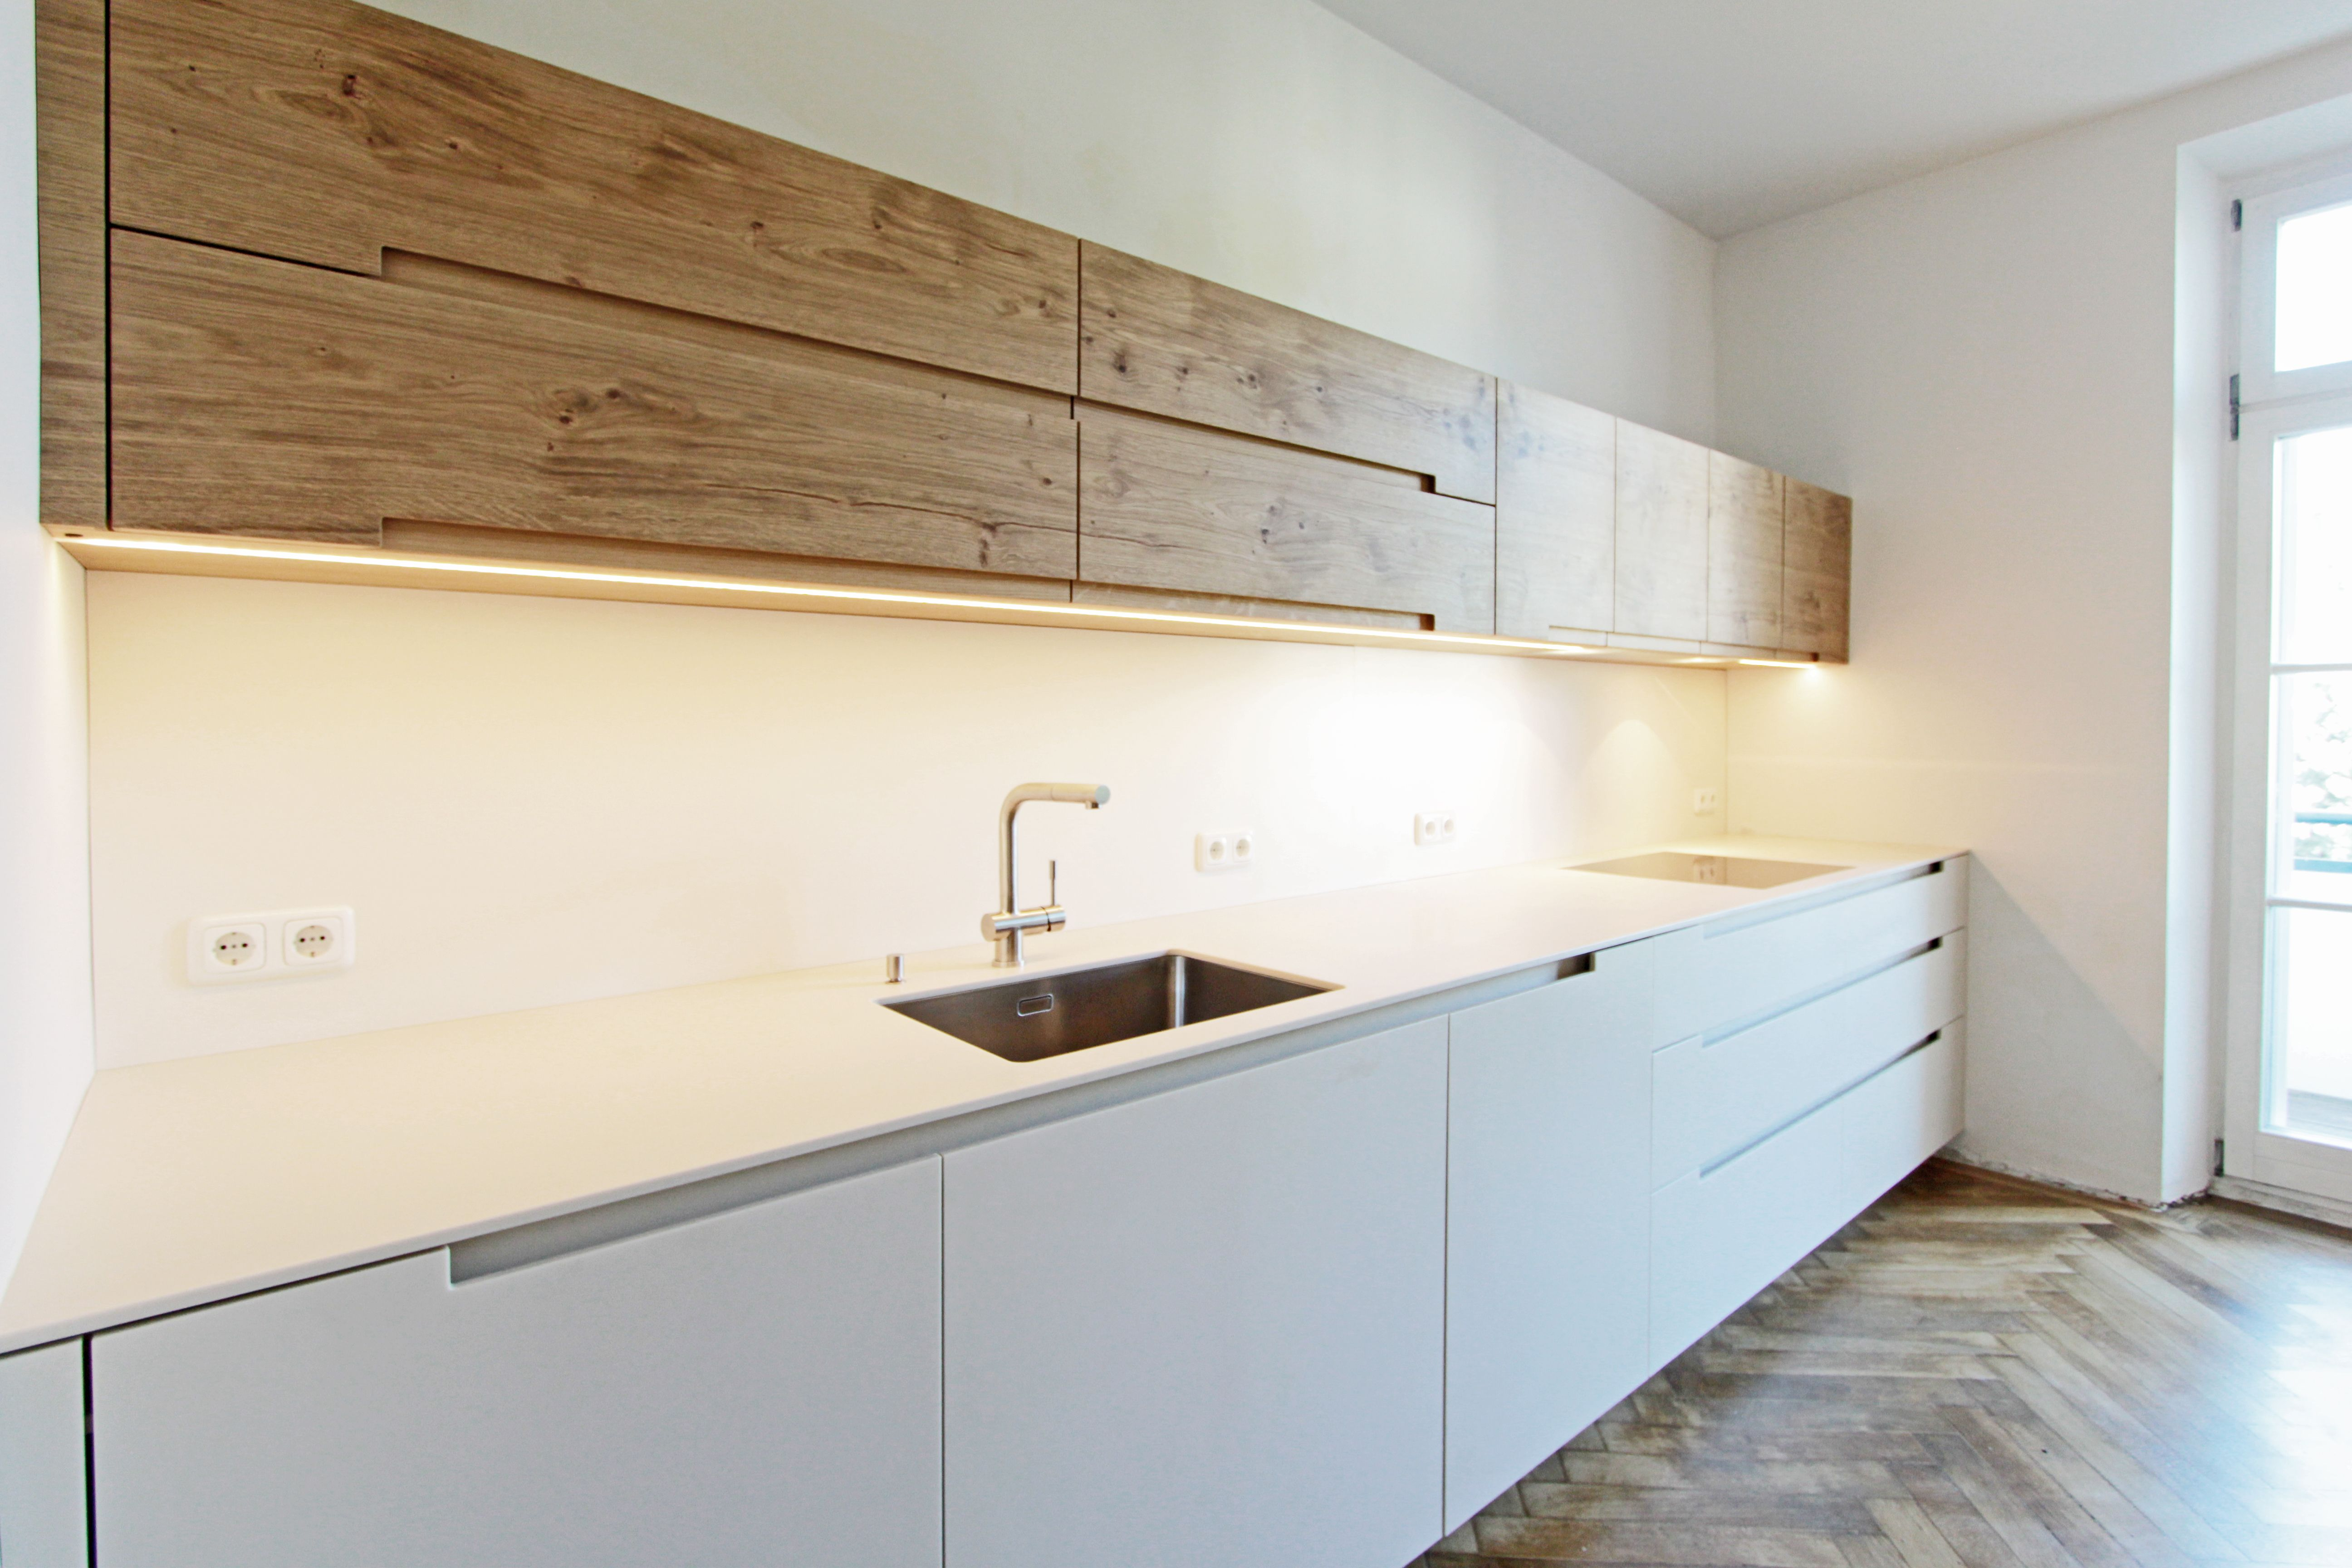 interior design, küche mit griffmulden, münchen